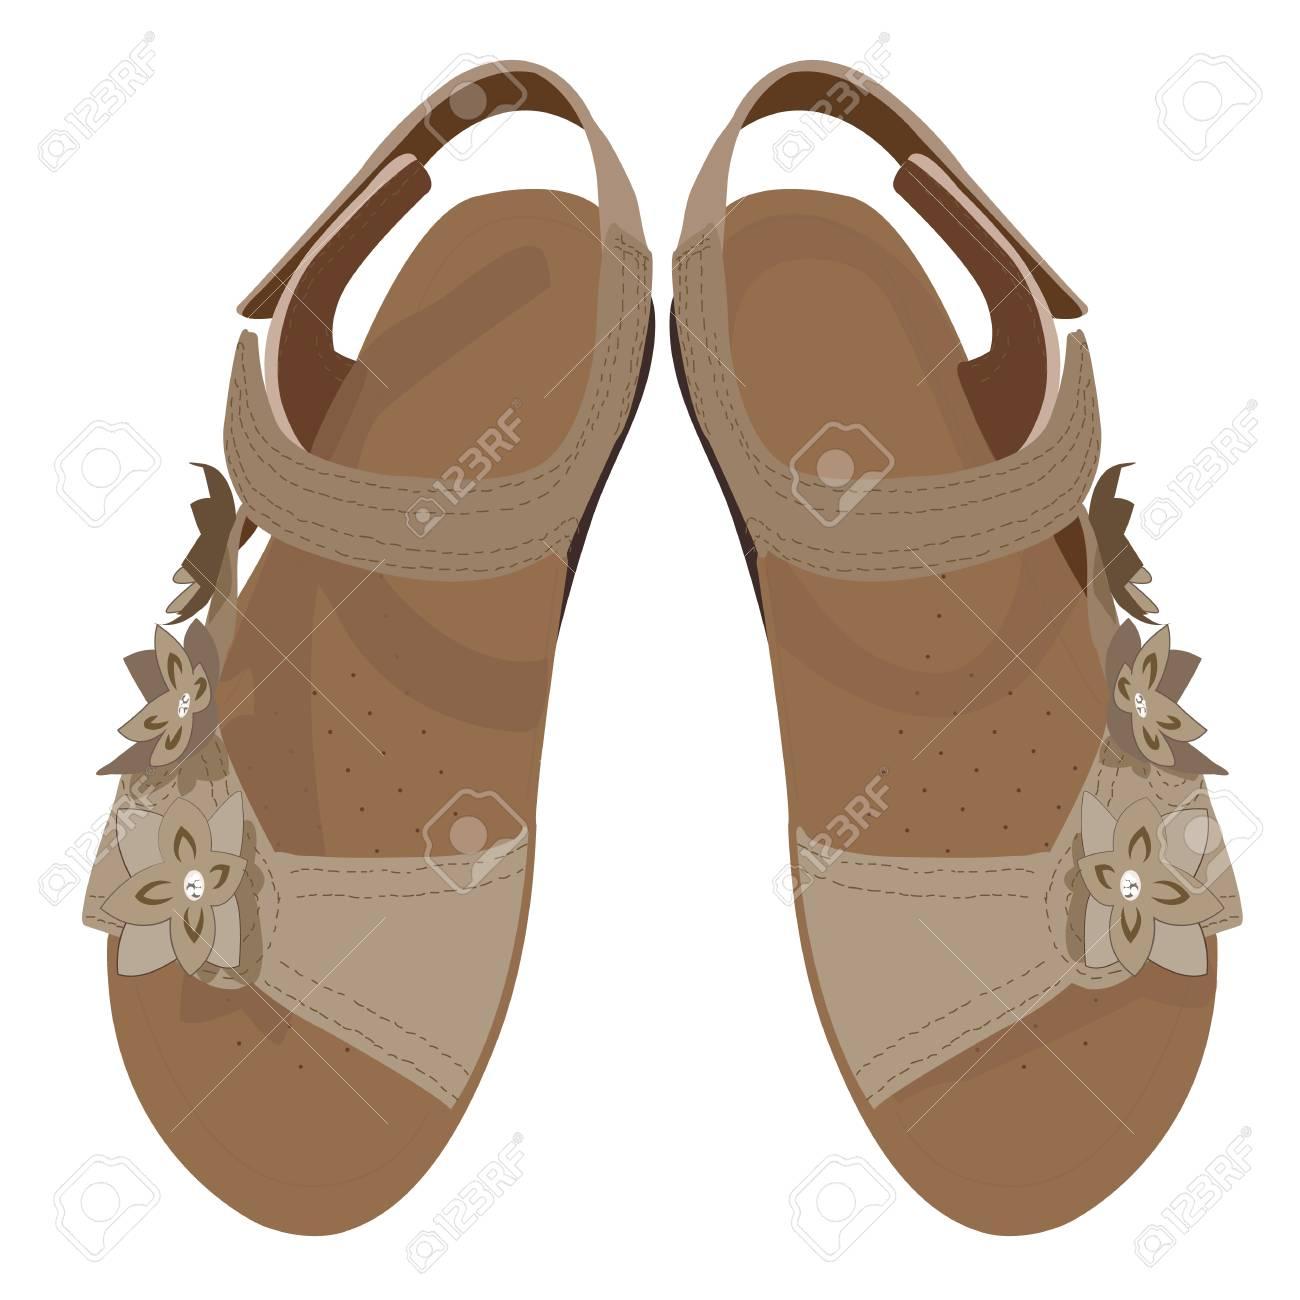 6e7f55515 Light Brown Sandals Vector